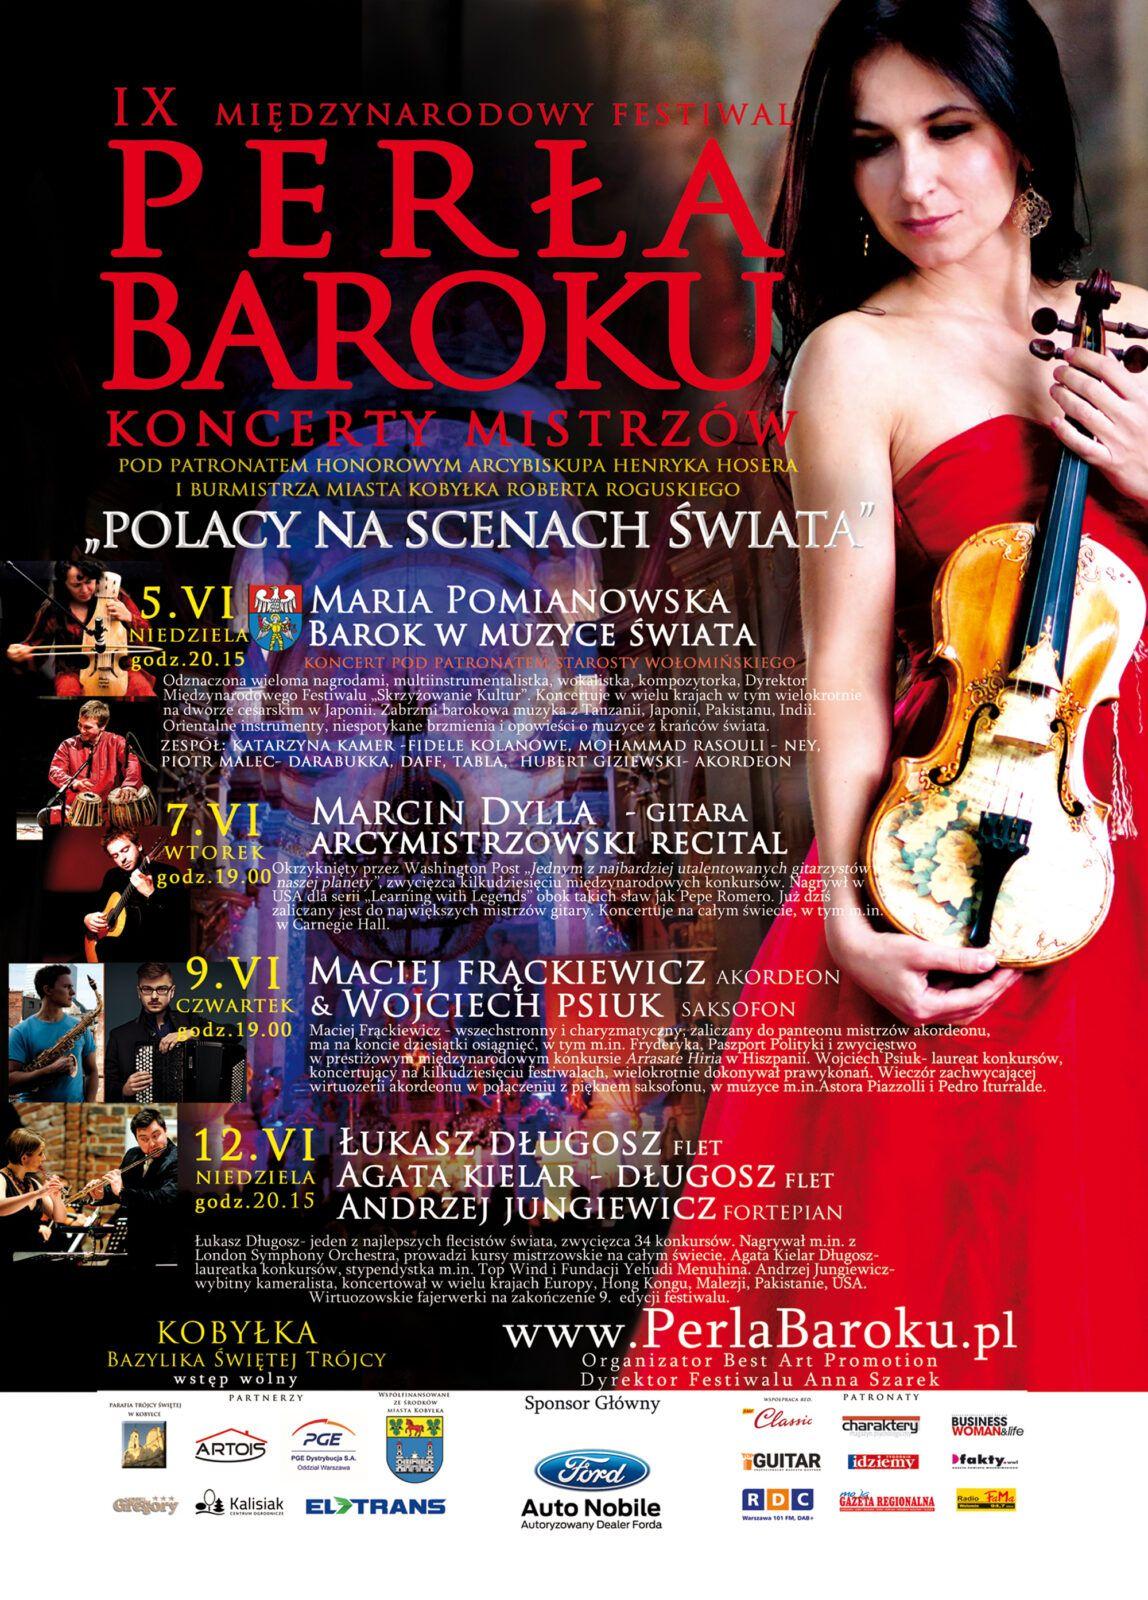 9 Międzynarodowy Festiwal Perła Baroku - Koncerty Mistrzów 2016 plakat